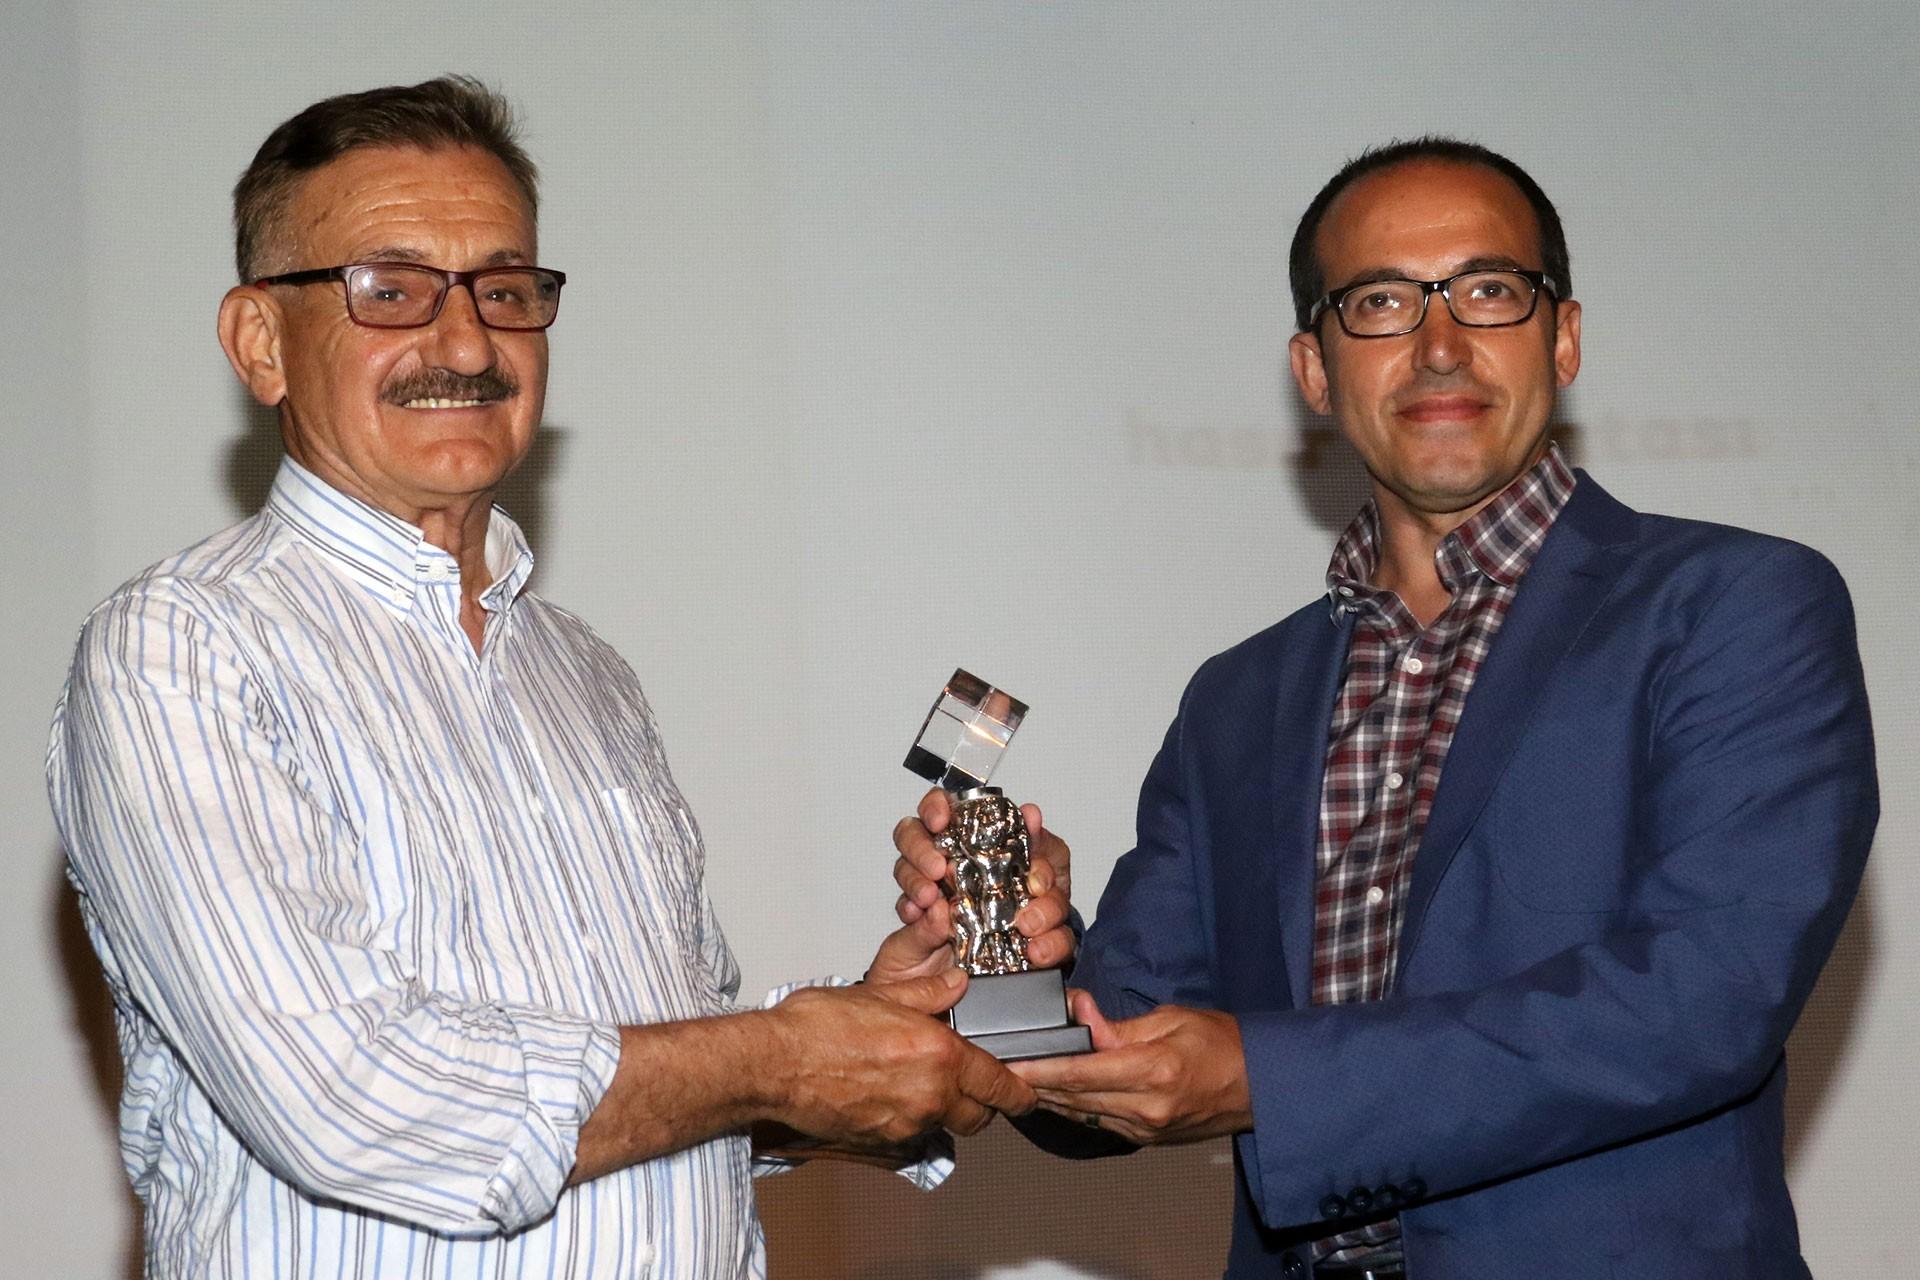 Sennur Sezer Ödüllerinde Öykü dalında birinciliğe layık görülen Hüseyin Peker